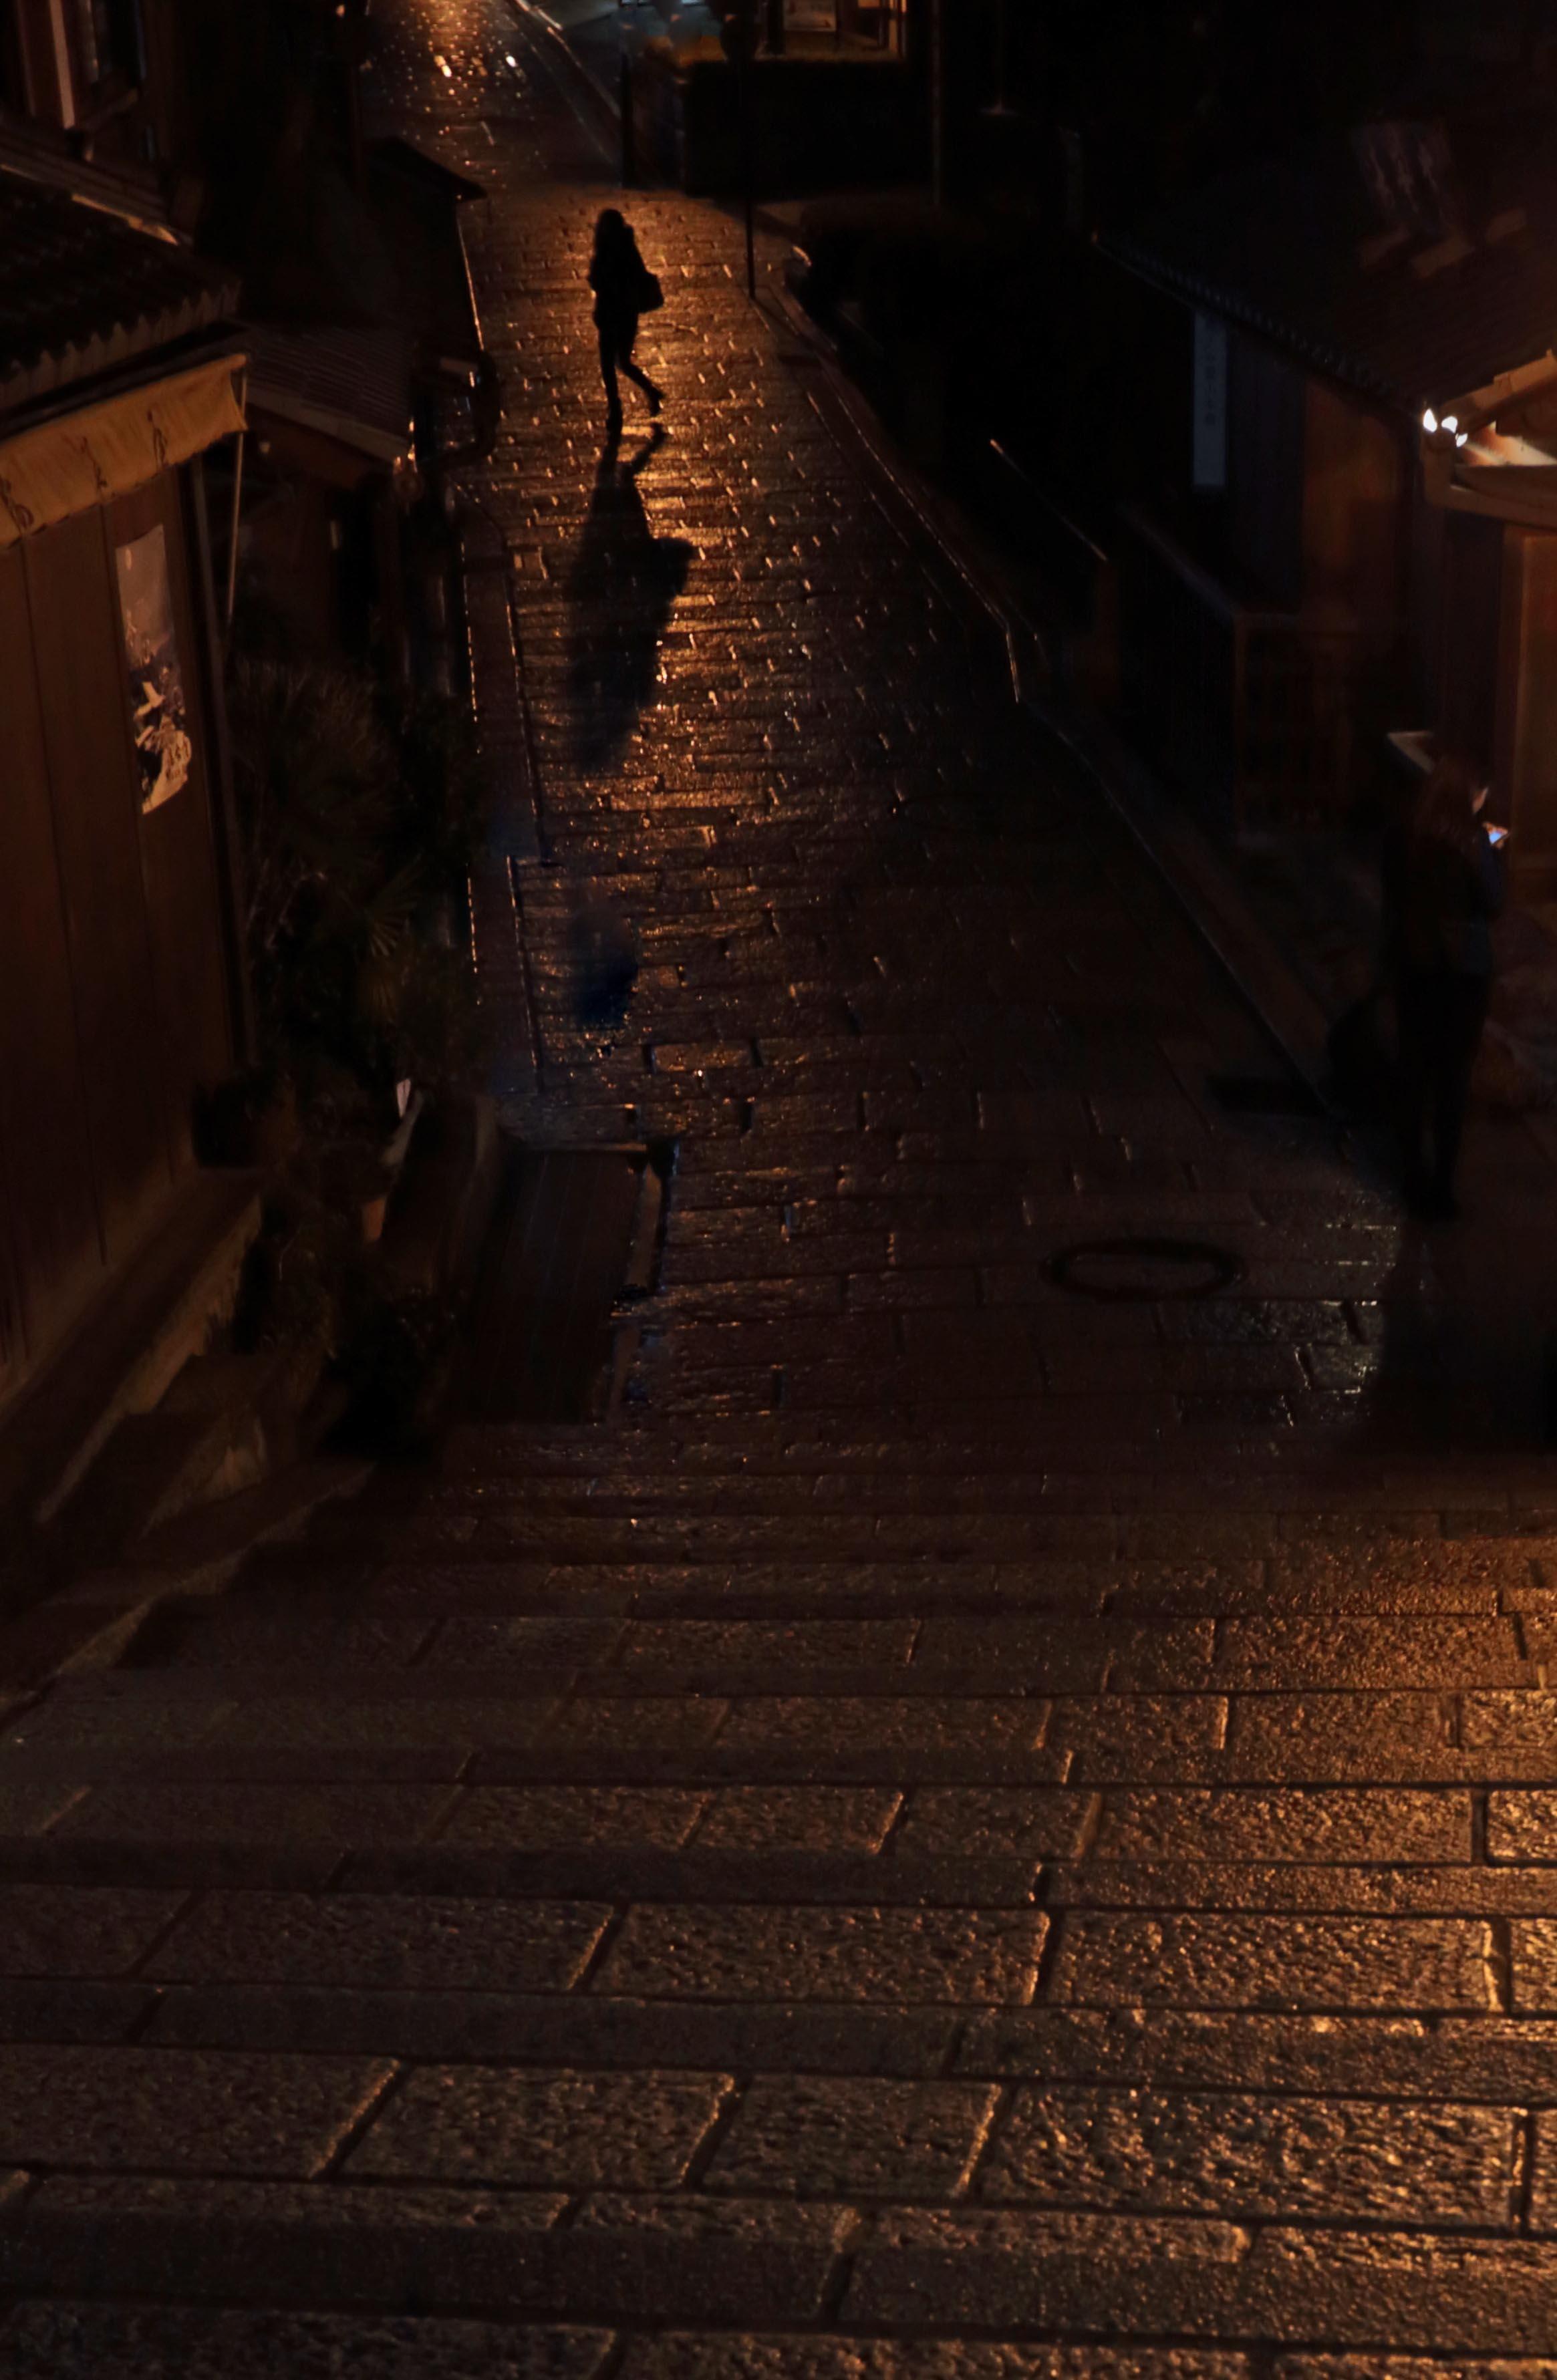 二年坂一人女性_edited-1